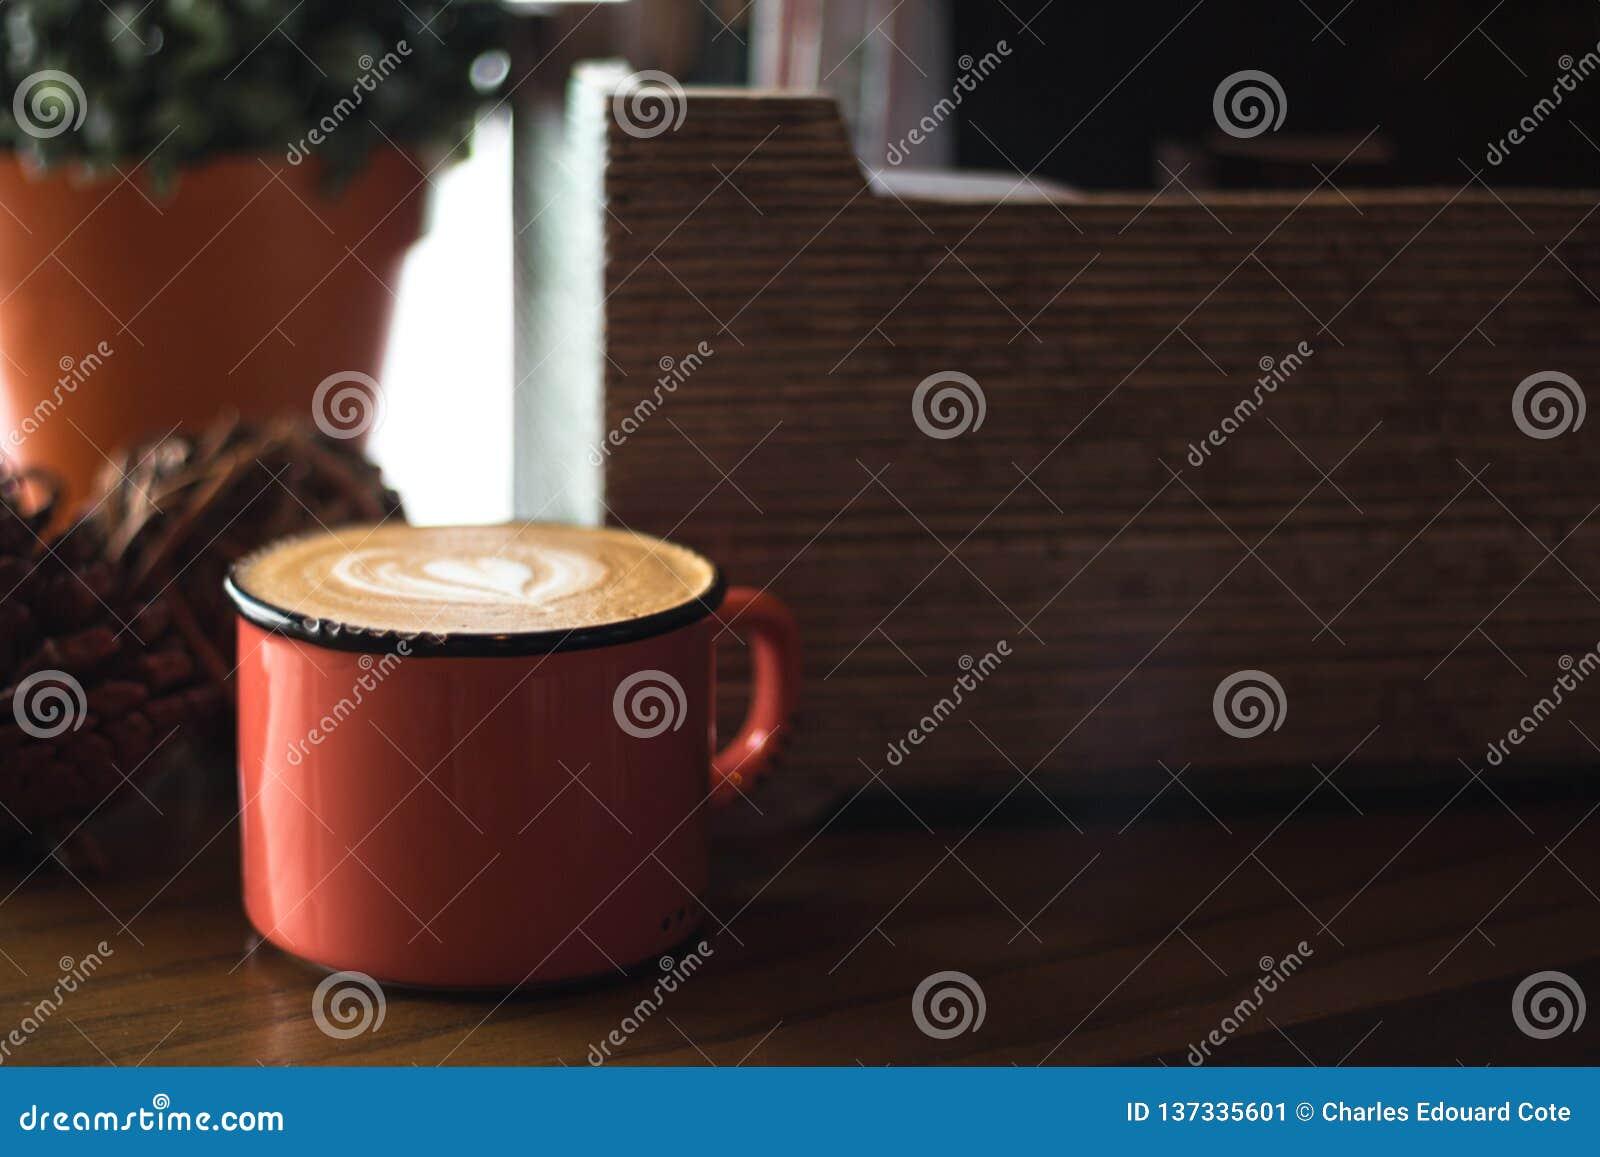 Scatola di legno e latte in una tazza rossa